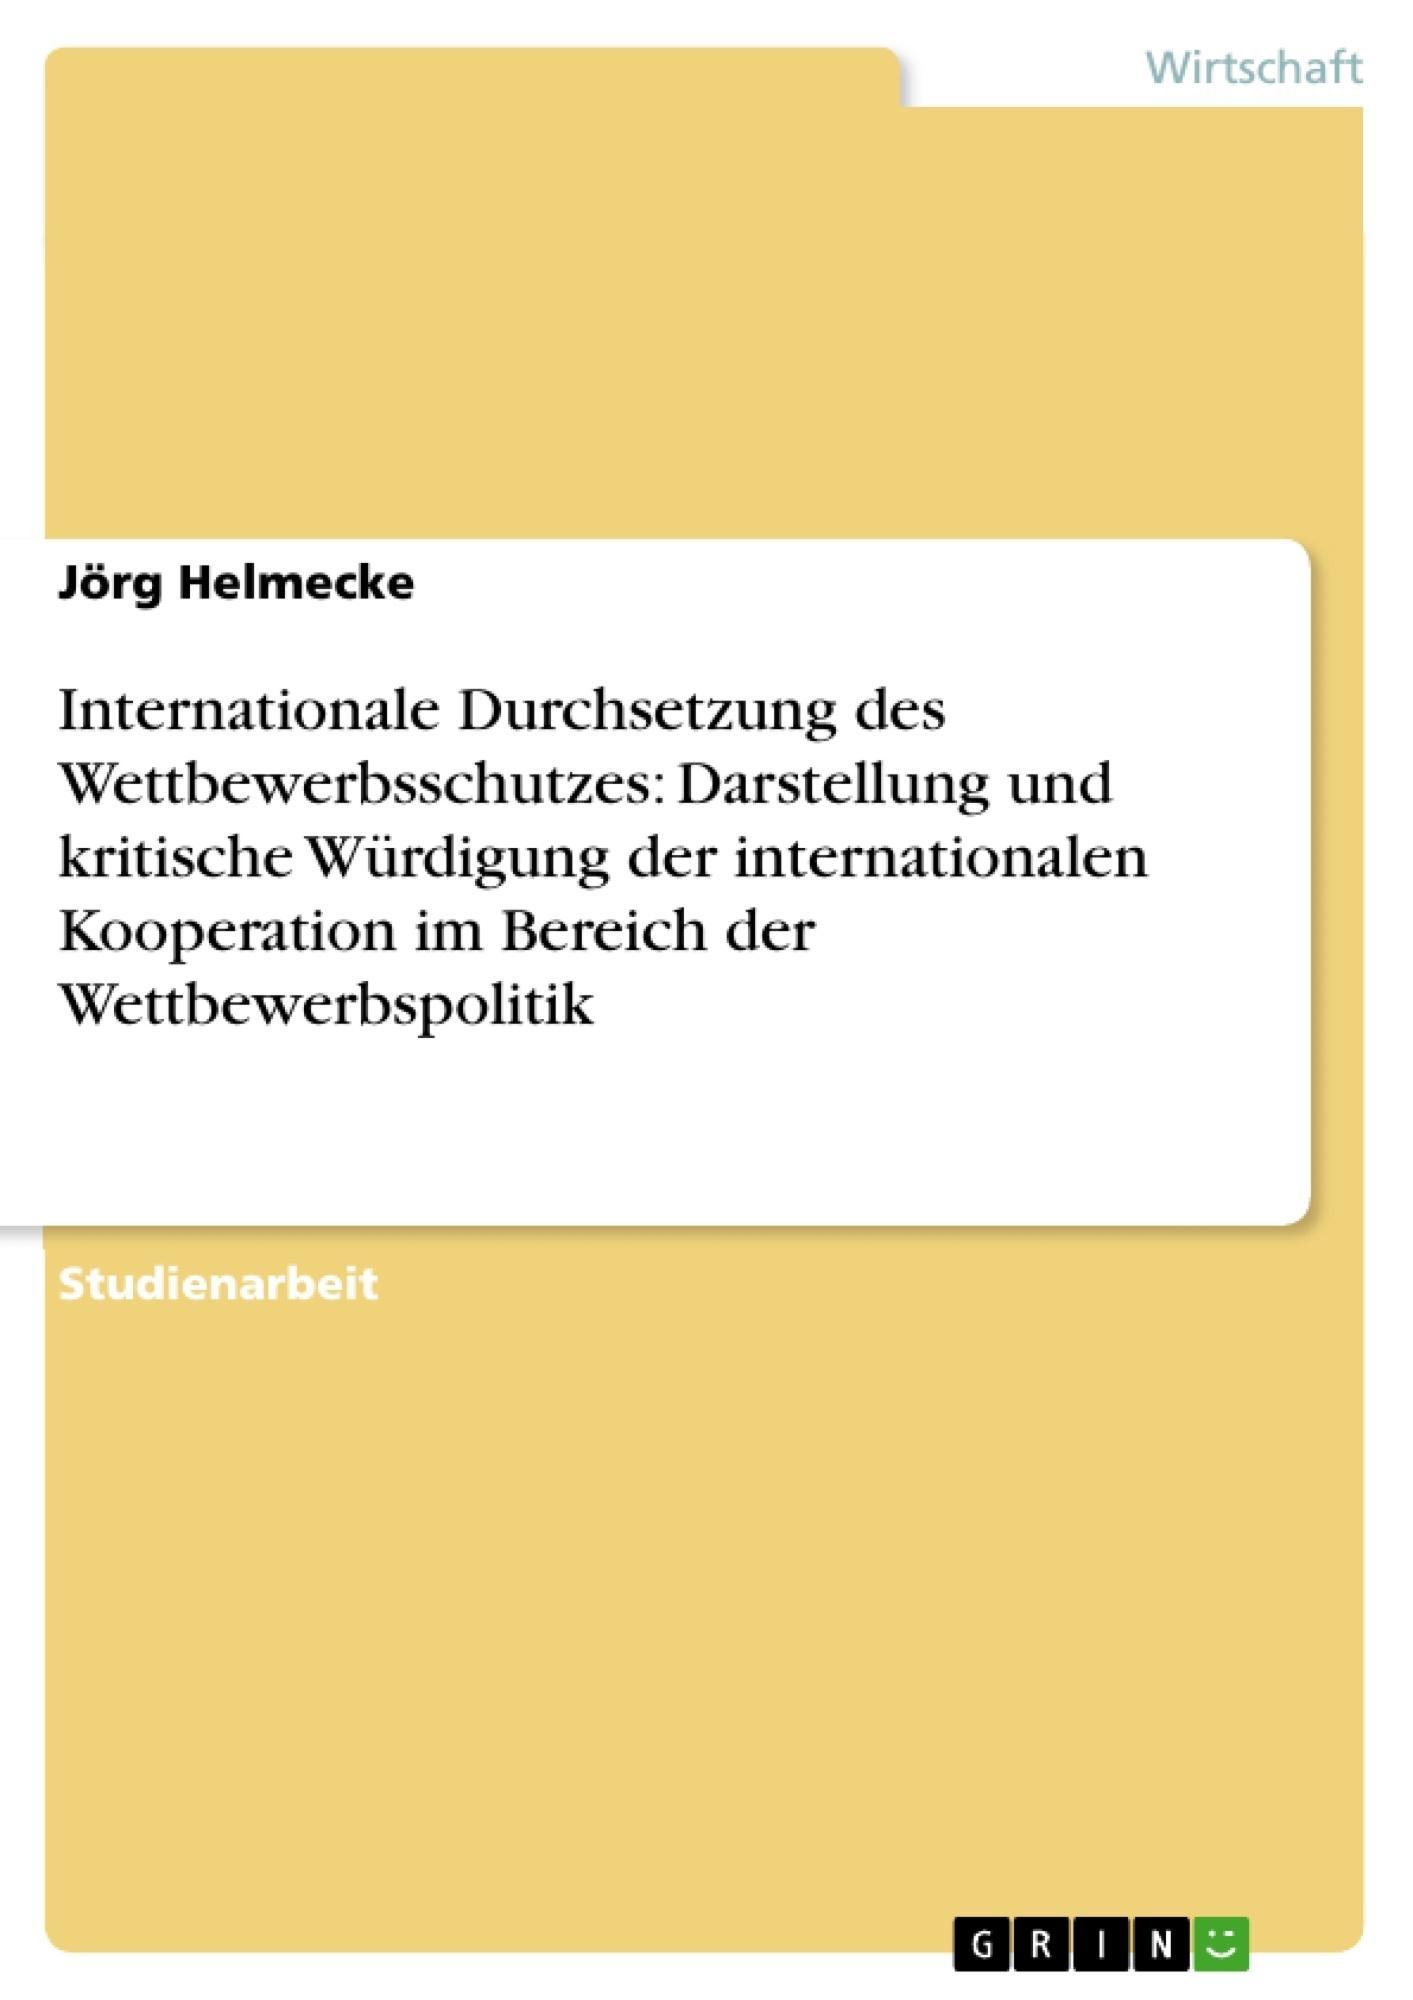 Titel: Internationale Durchsetzung des Wettbewerbsschutzes: Darstellung und kritische Würdigung der internationalen Kooperation im Bereich der Wettbewerbspolitik